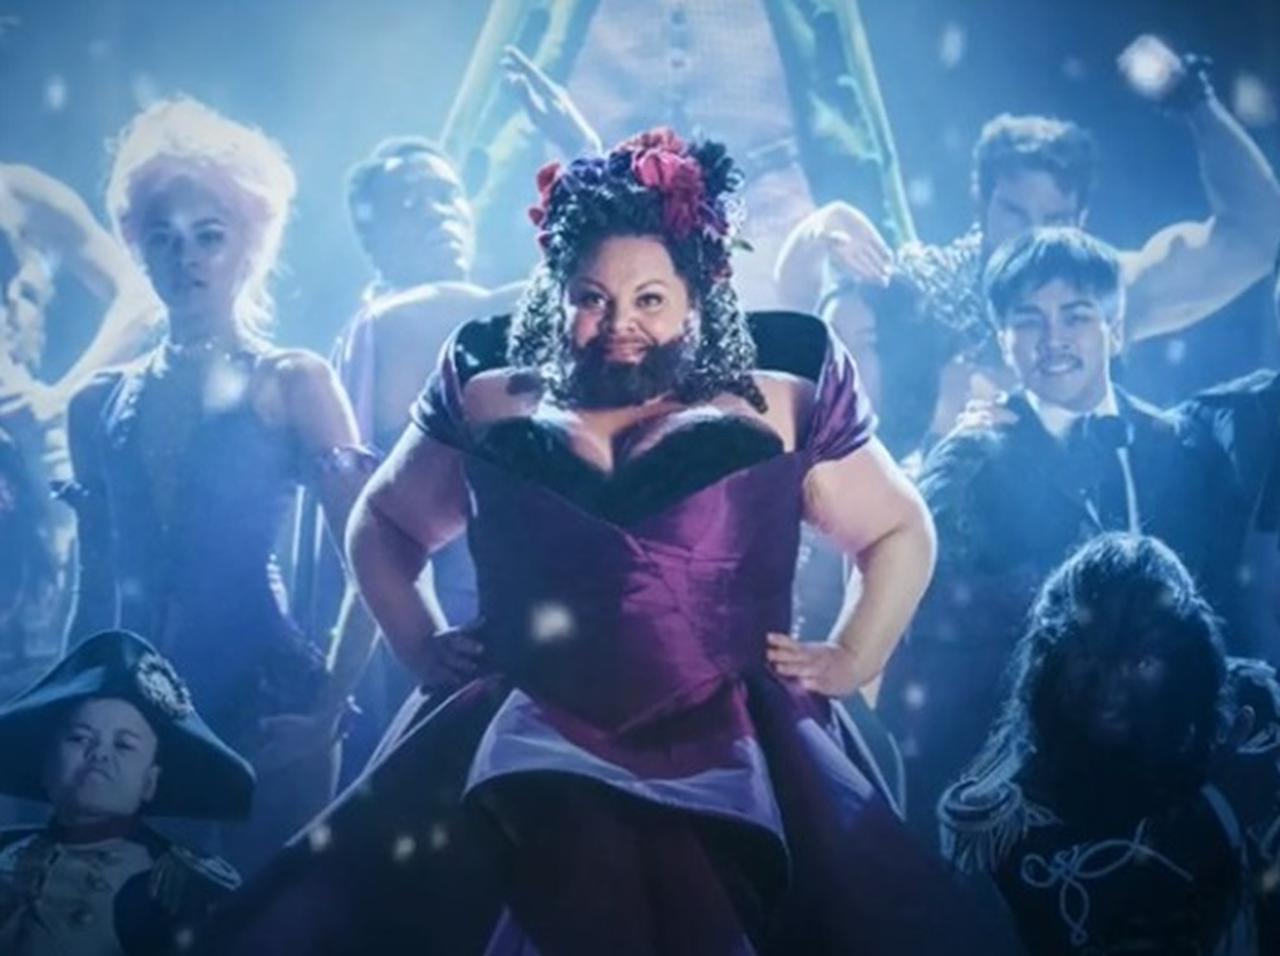 『グレイテスト・ショーマン』キアラ・セトルが劇中歌を初めて歌う動画に鳥肌